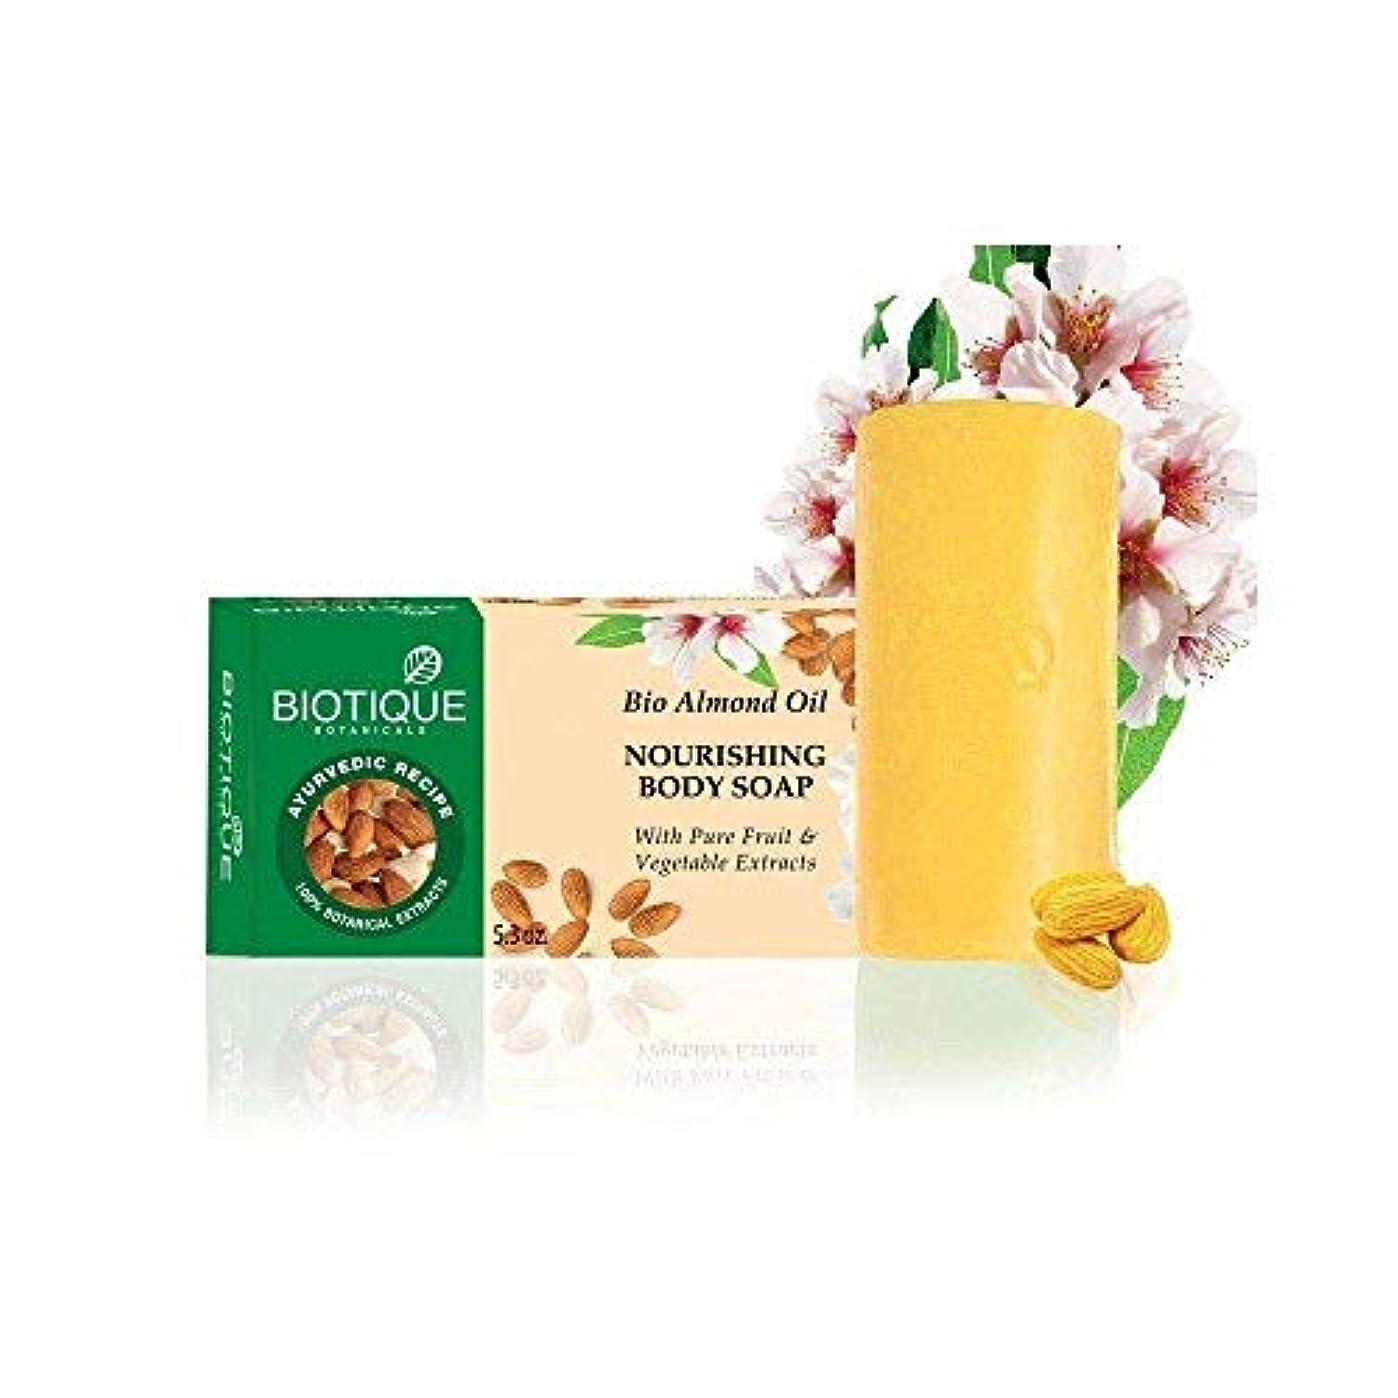 メイン市民排除するBiotique Bio Almond Oil Nourishing Body Soap - 150g (Pack of 2) wash Impurities Biotique Bio Almond Oilナリッシングボディソープ...